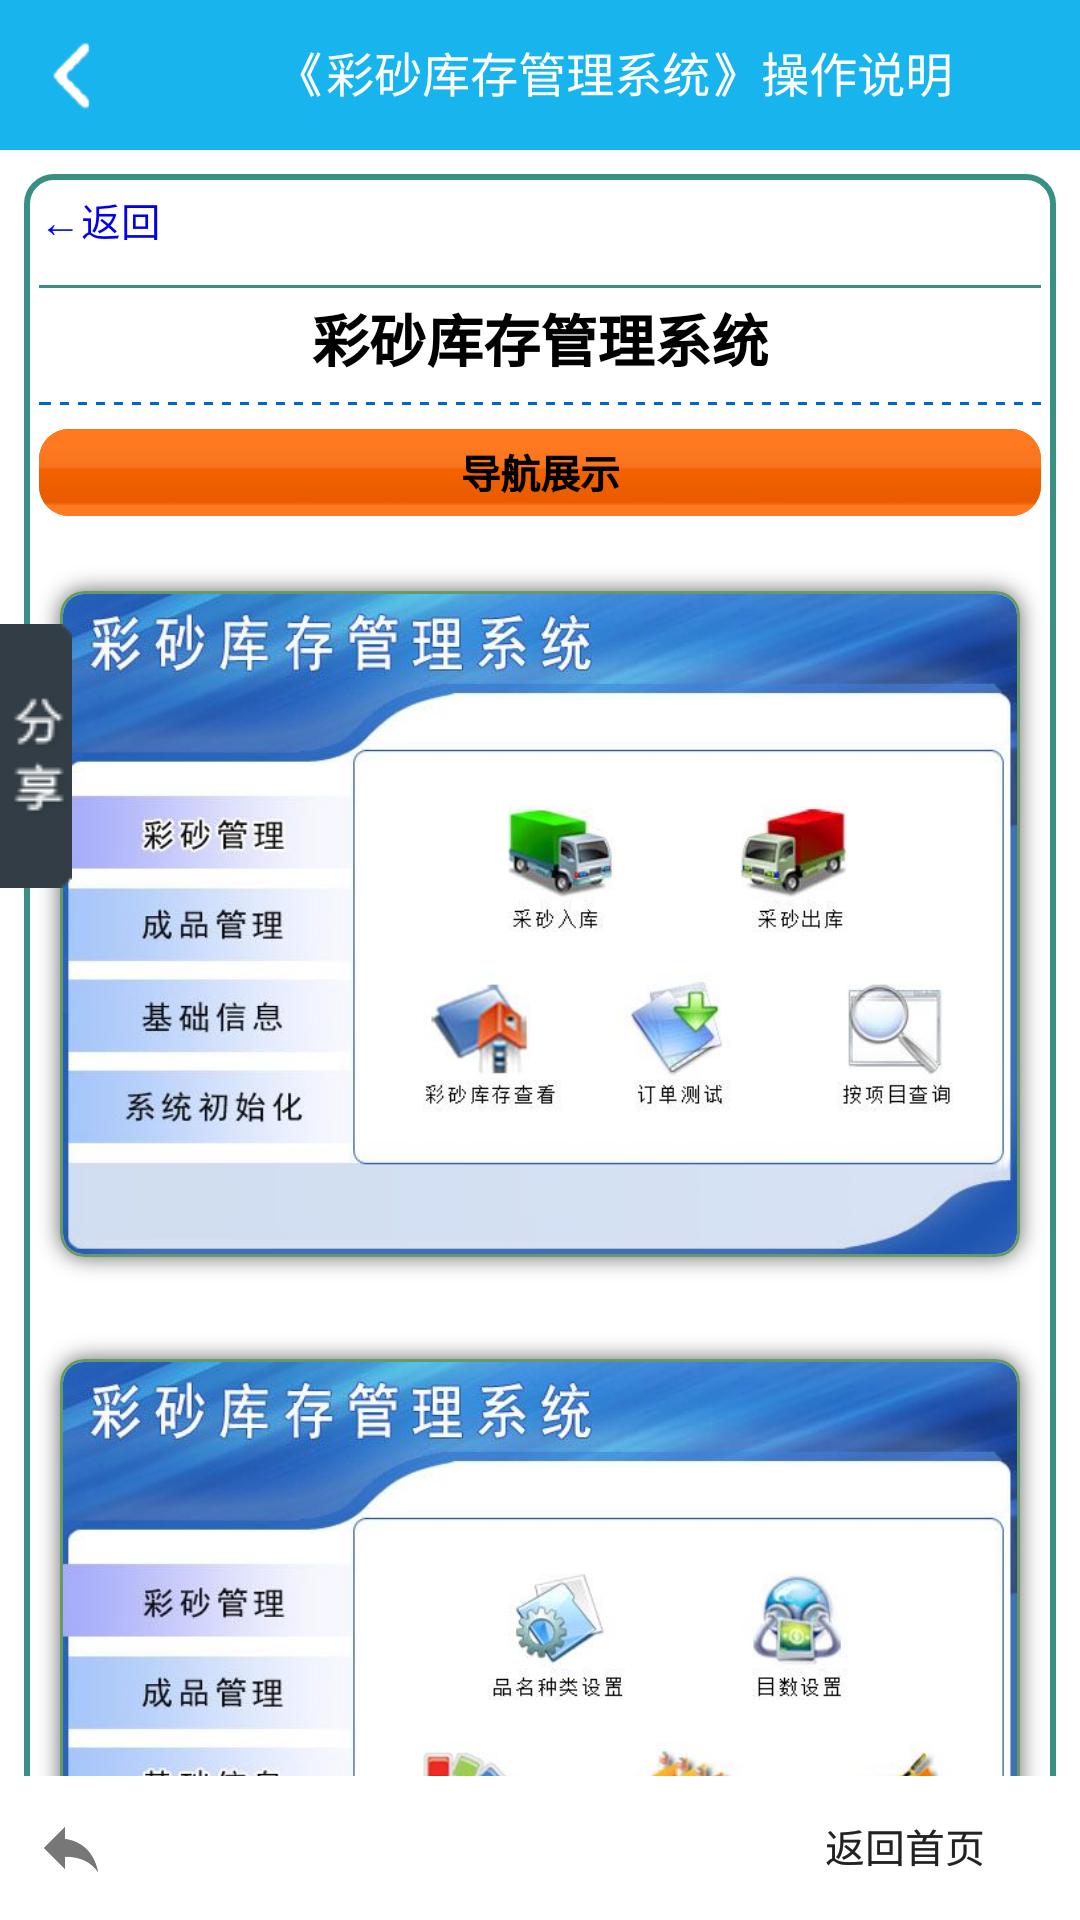 彩砂库存管理系统